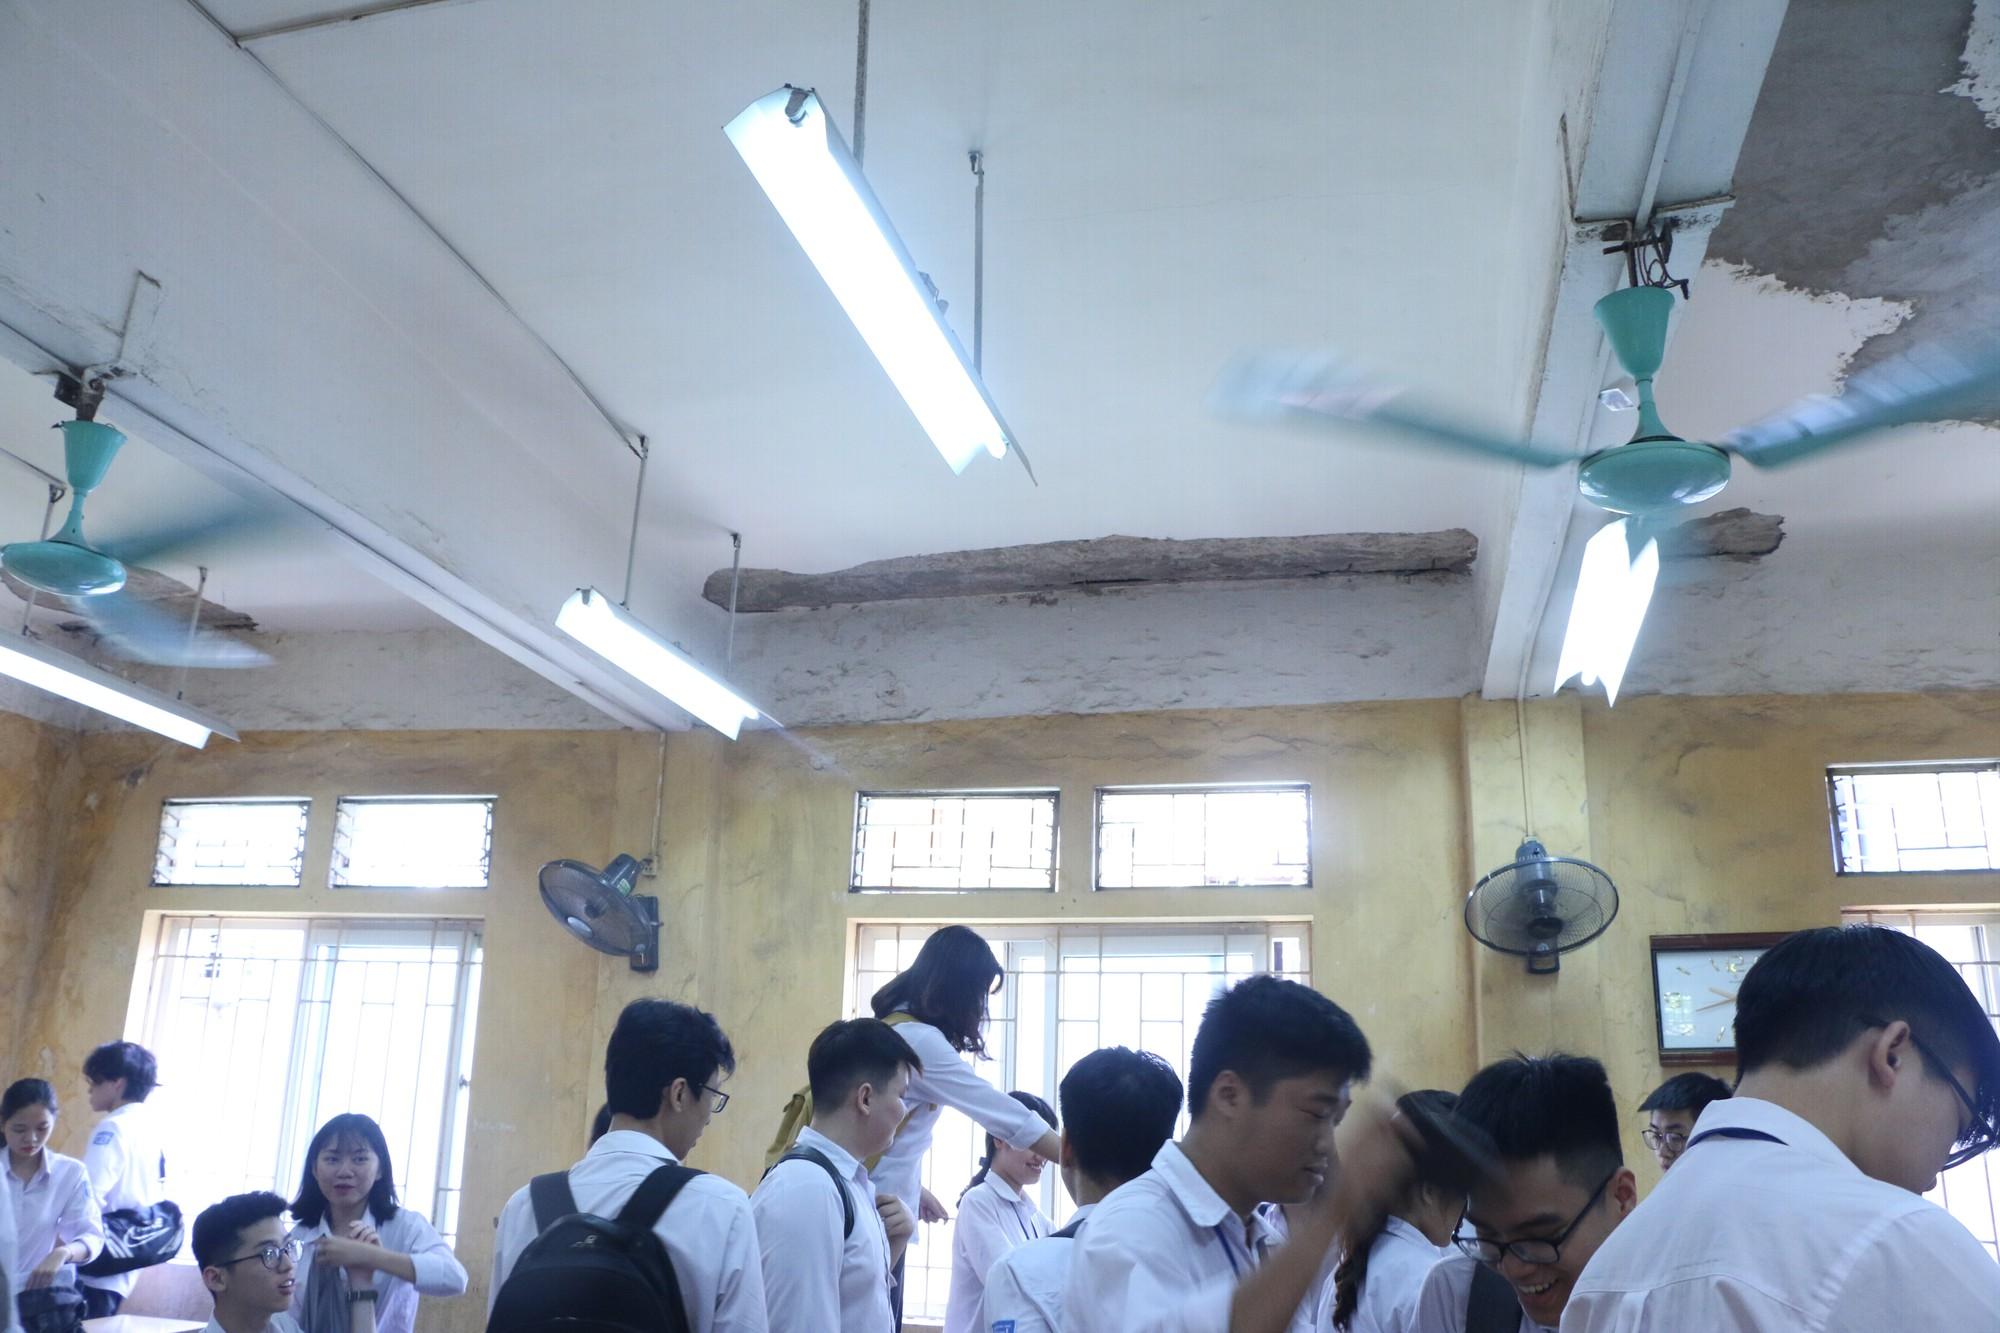 Vữa trần rơi, lan can được rào tạm bằng dây thép gai, ngôi trường cấp 3 giữa Hà Nội có nguy cơ đổ sập  - Ảnh 10.